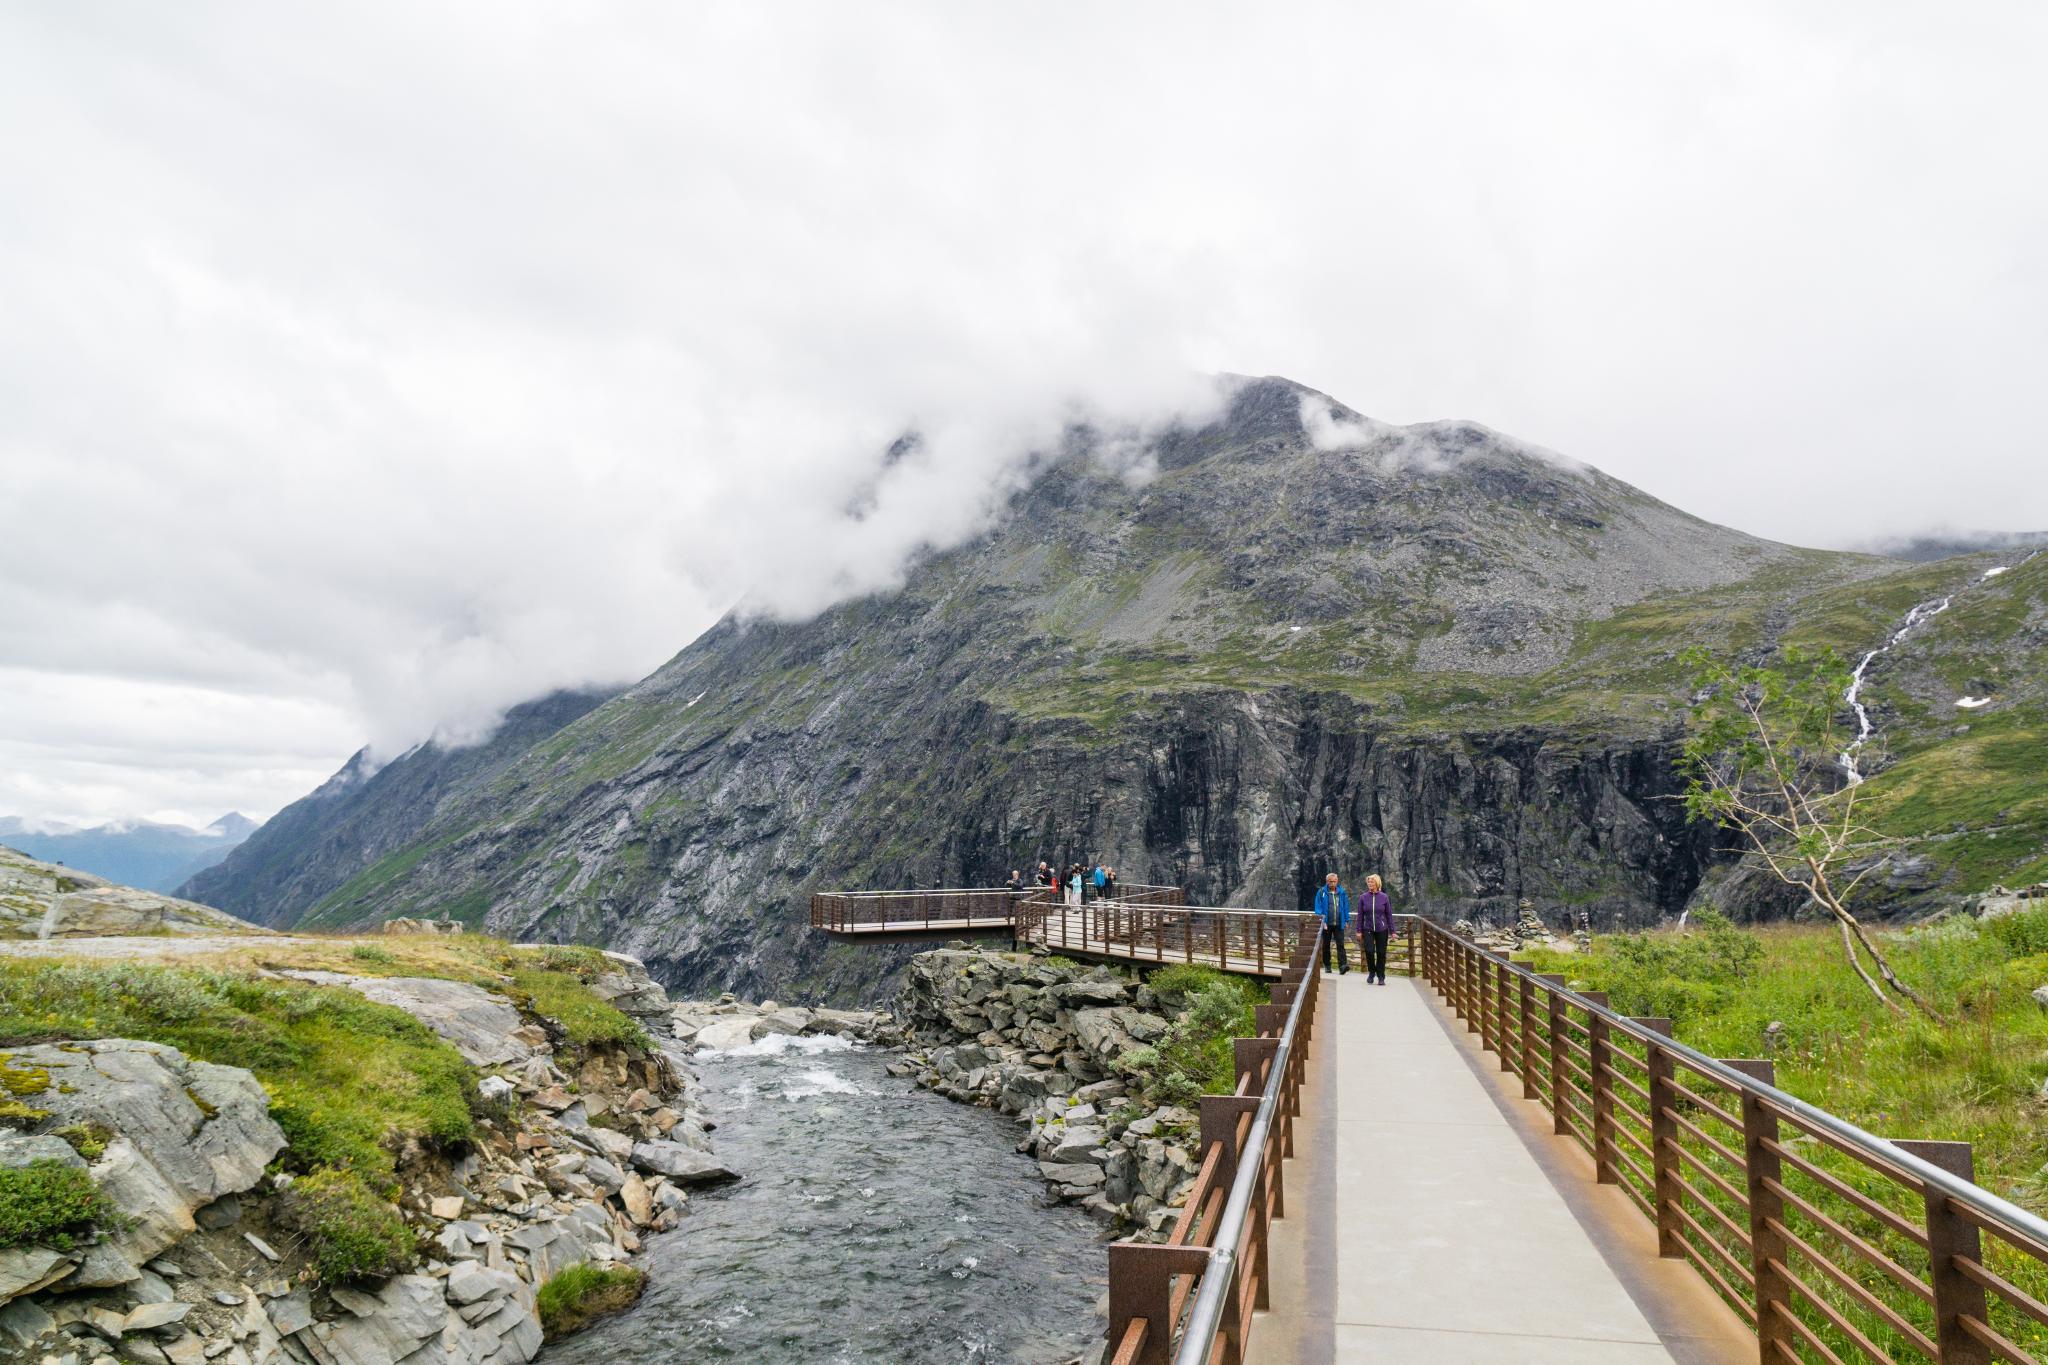 【北歐景點】Trollstigen 精靈之路 ∣ 挪威最驚險的世界級景觀公路 10